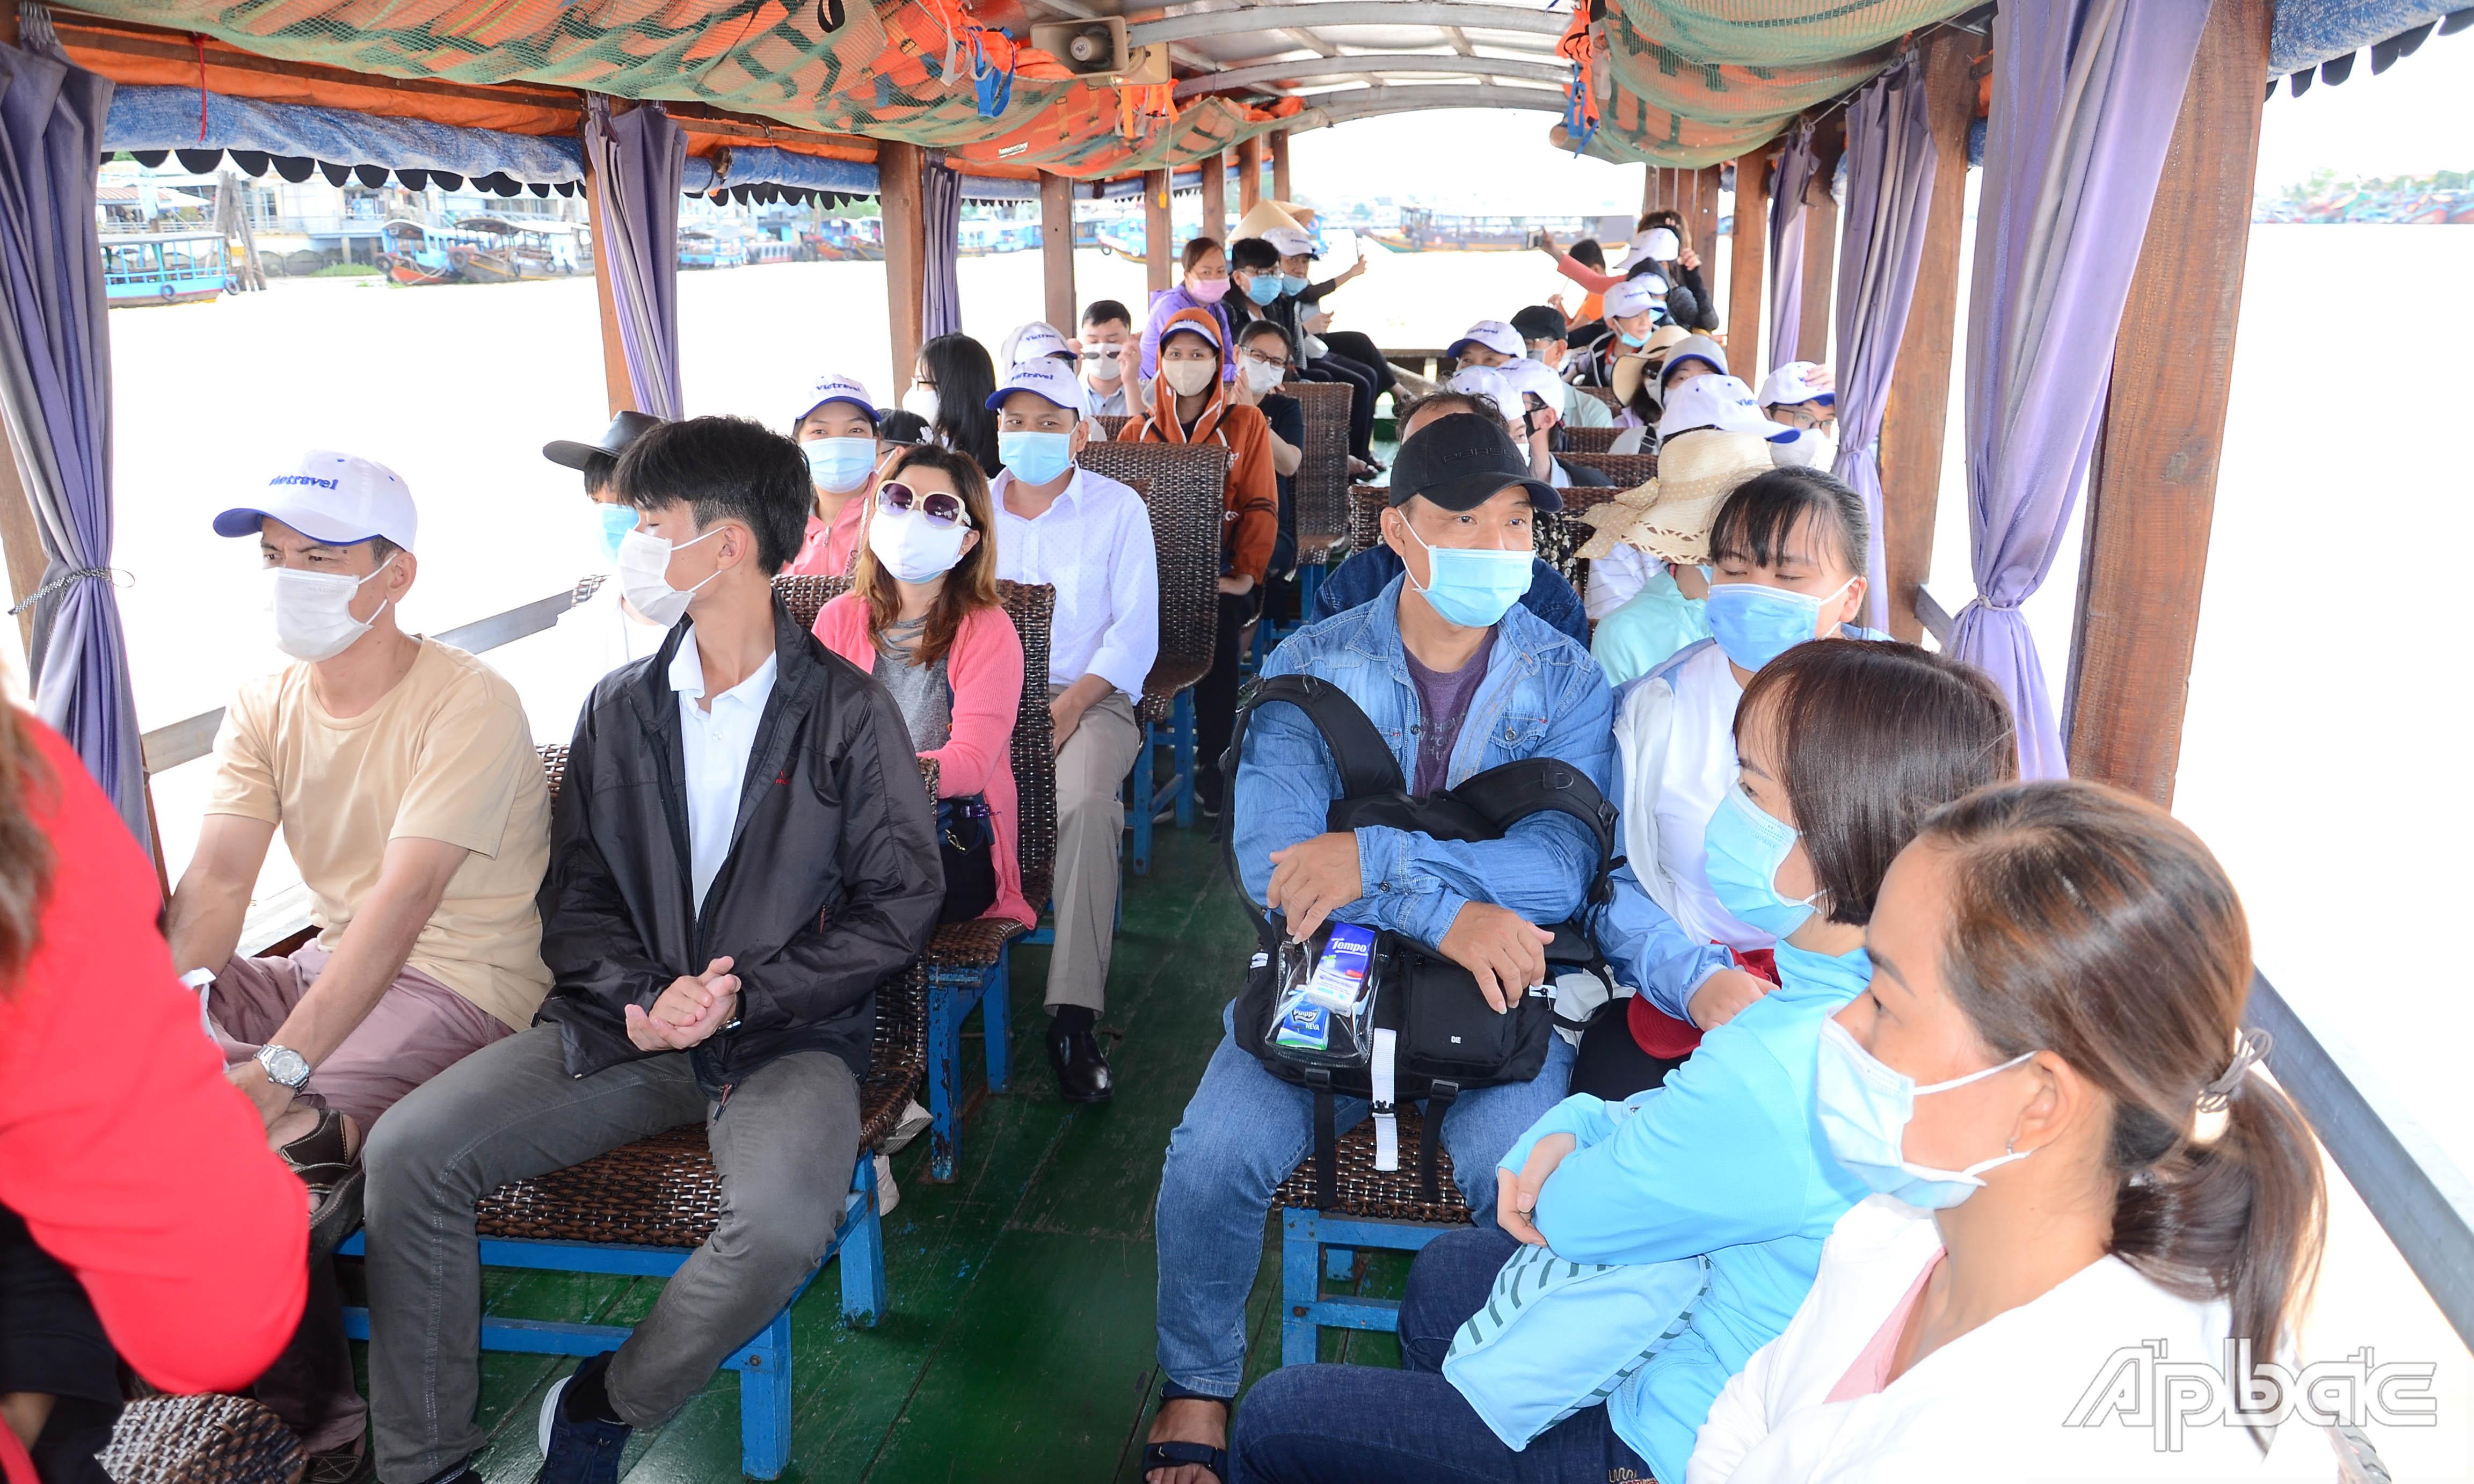 Khách du lịch xuống tàu di chuyển đến cù lao Thới Sơn.